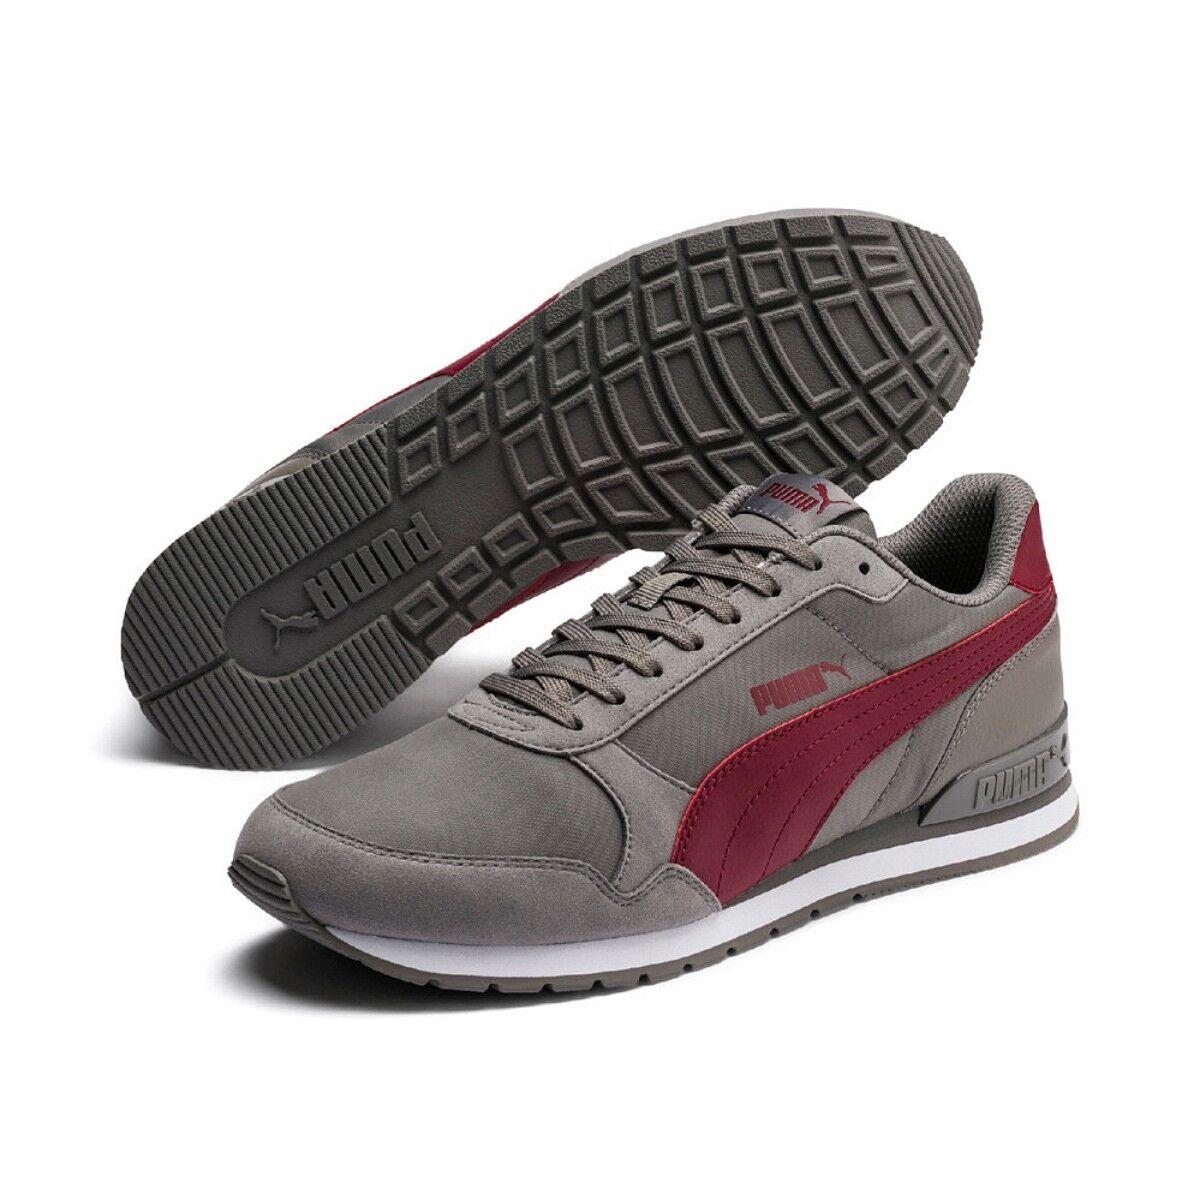 Puma Unisex ST Runner v2 NL Sneaker Turnschuhe Nylon Sportschuhe Charcoal 365278